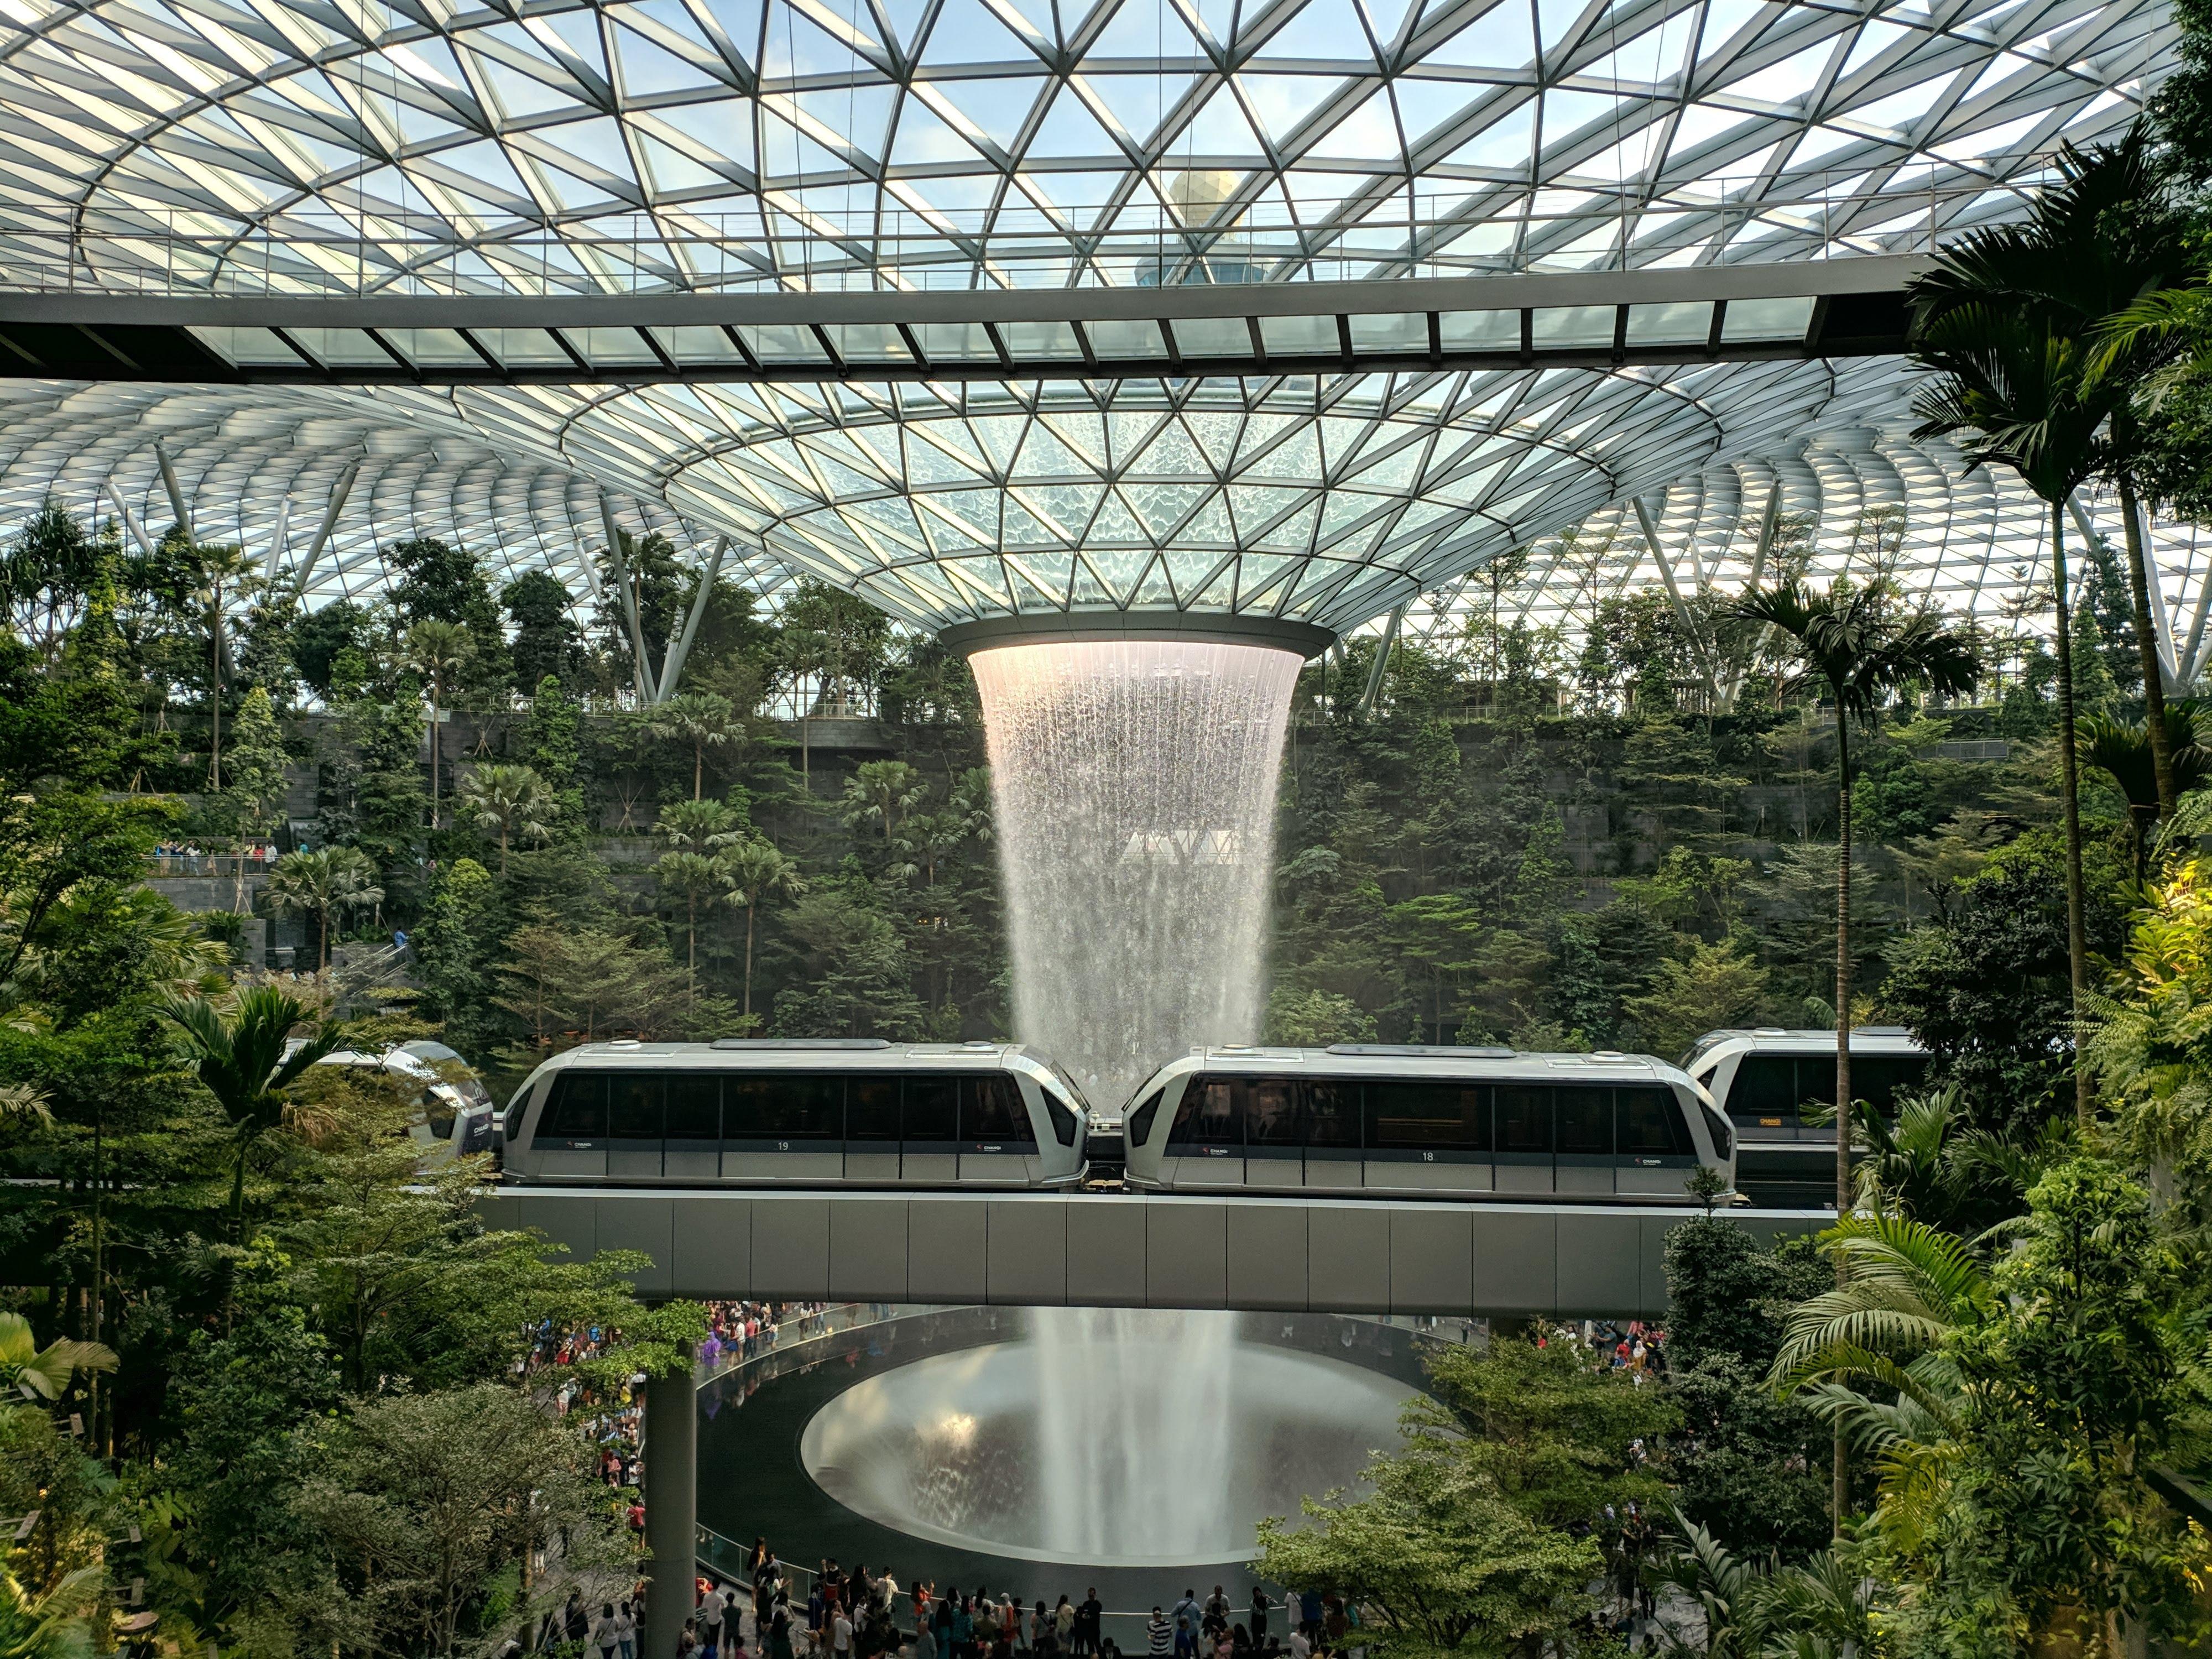 Foto von Wasserfall in einem Gebäude und Straßenbahn über einer Brücke